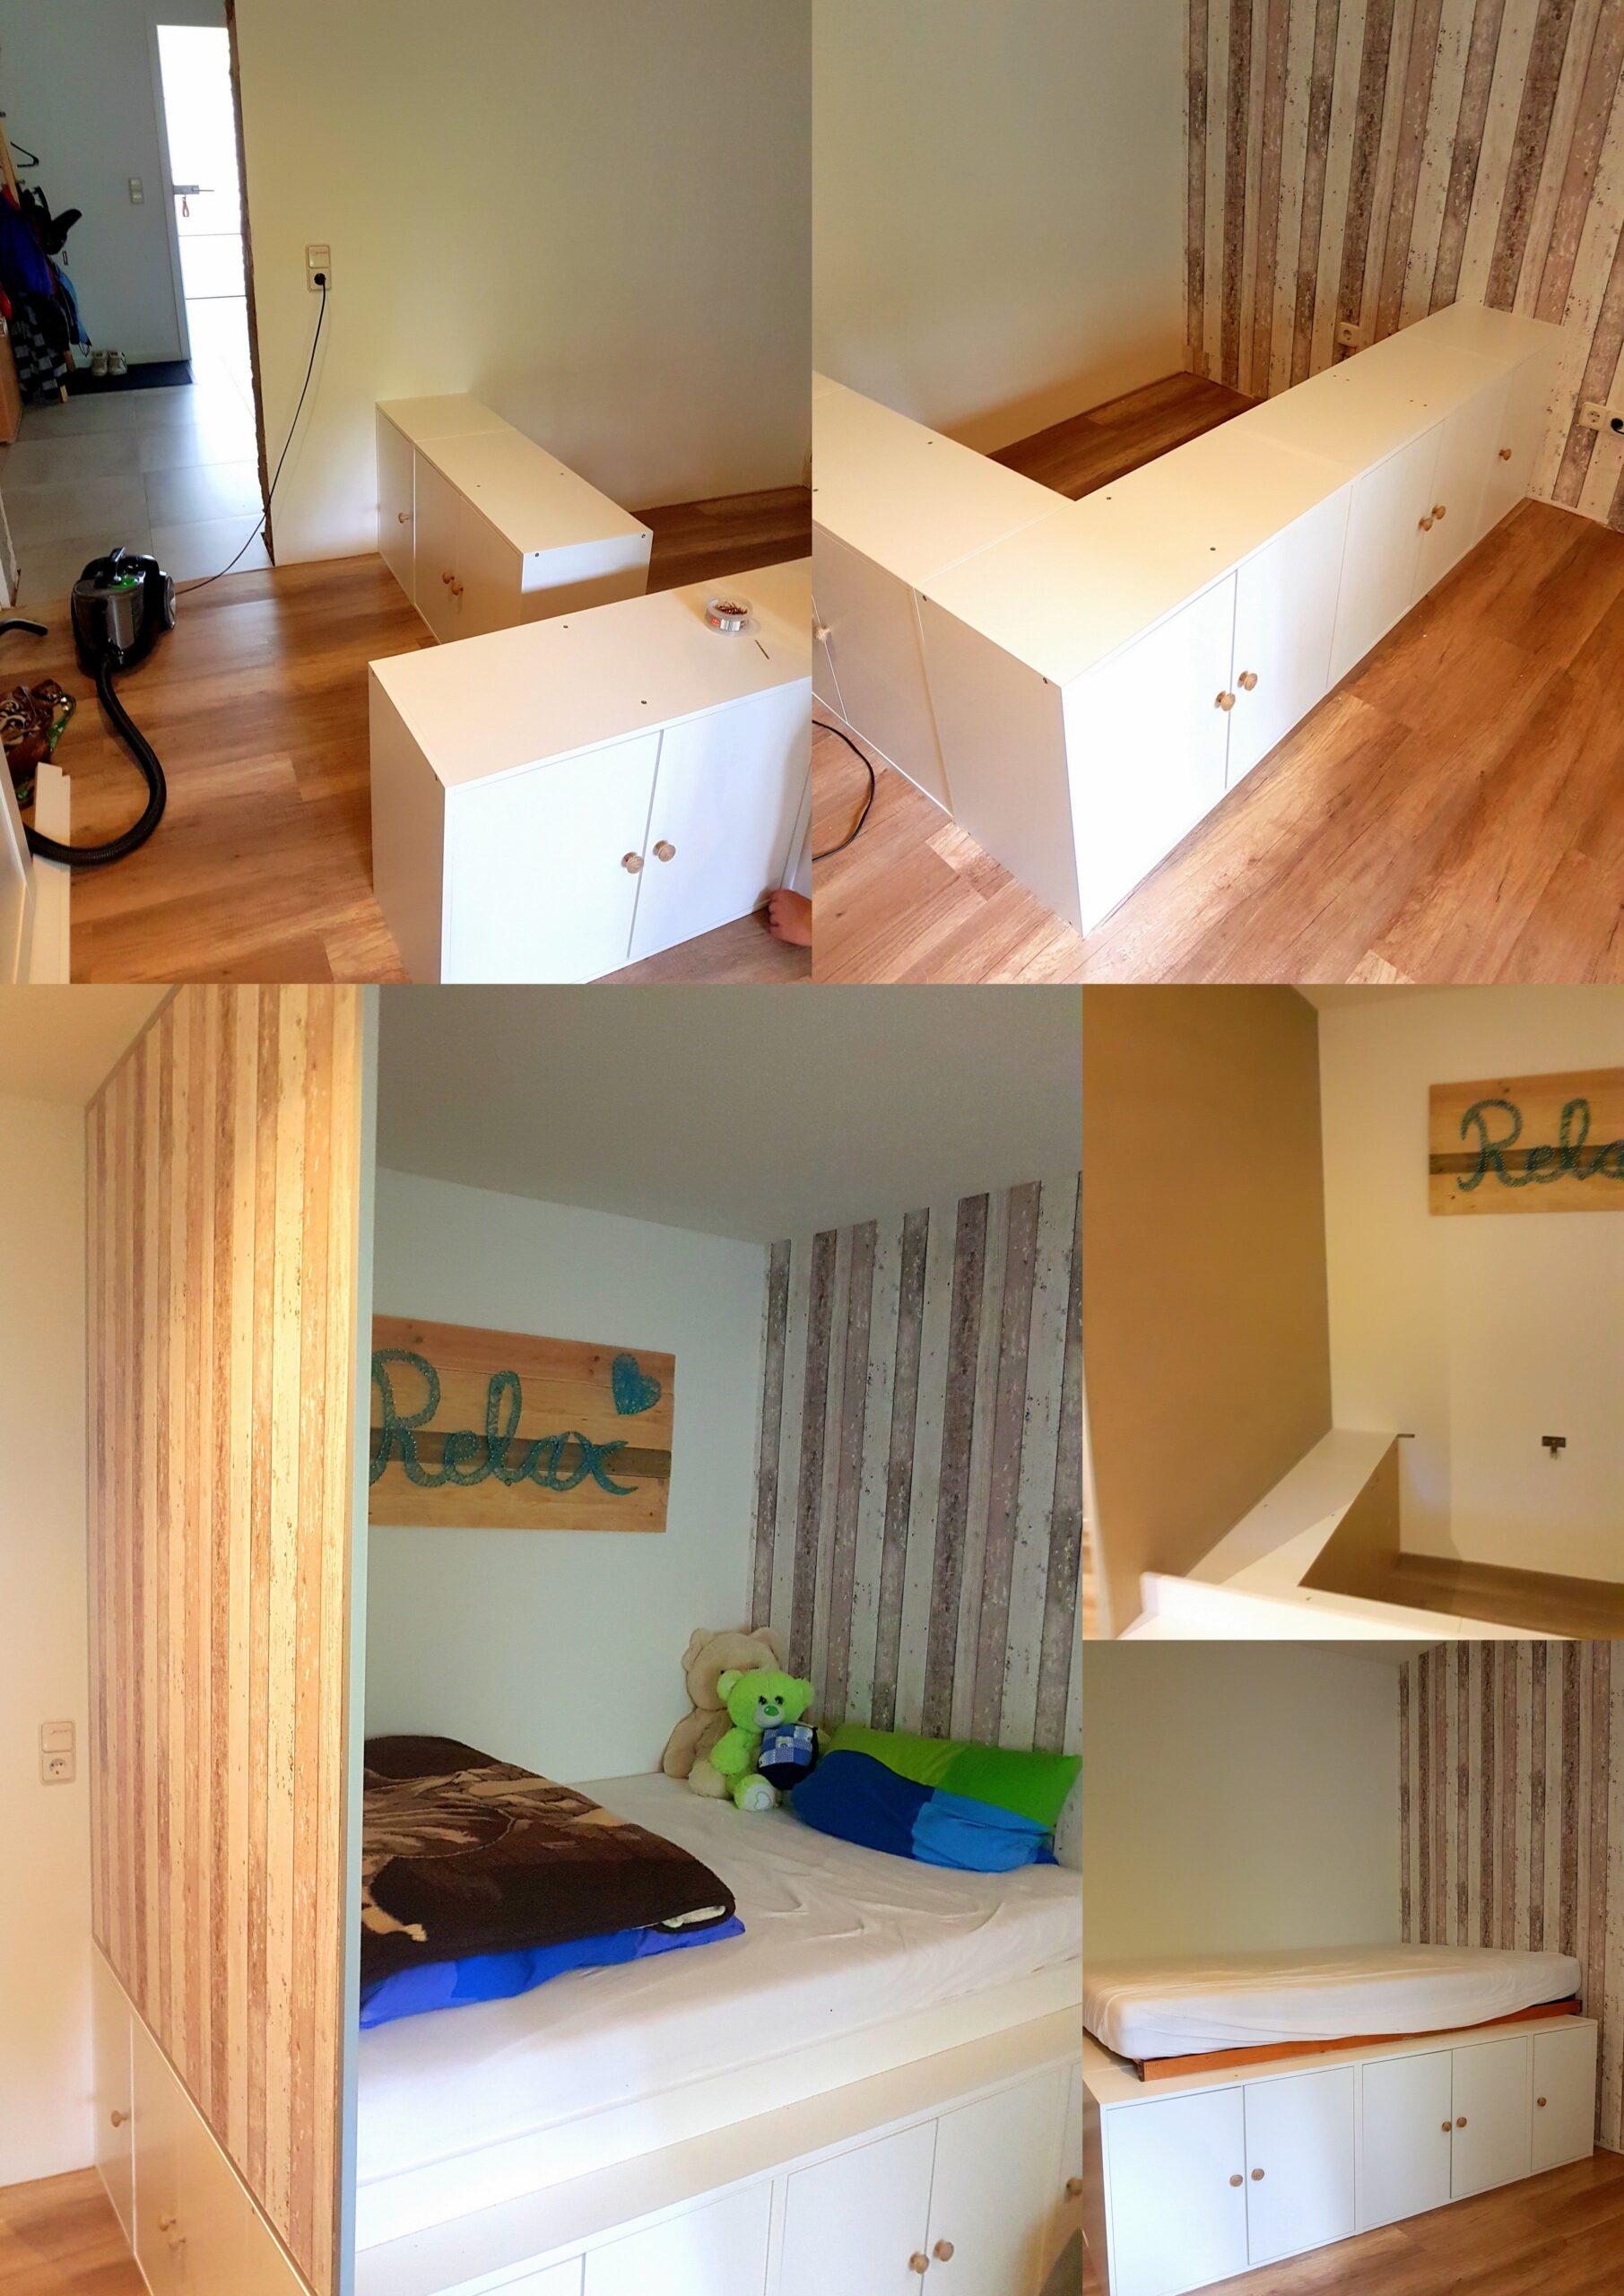 Full Size of Ikea Jugendzimmer Diy Hochbett Mit Kchenschrnken Als Unterbau Betten 160x200 Sofa Miniküche Küche Kaufen Kosten Schlaffunktion Bett Bei Modulküche Wohnzimmer Ikea Jugendzimmer